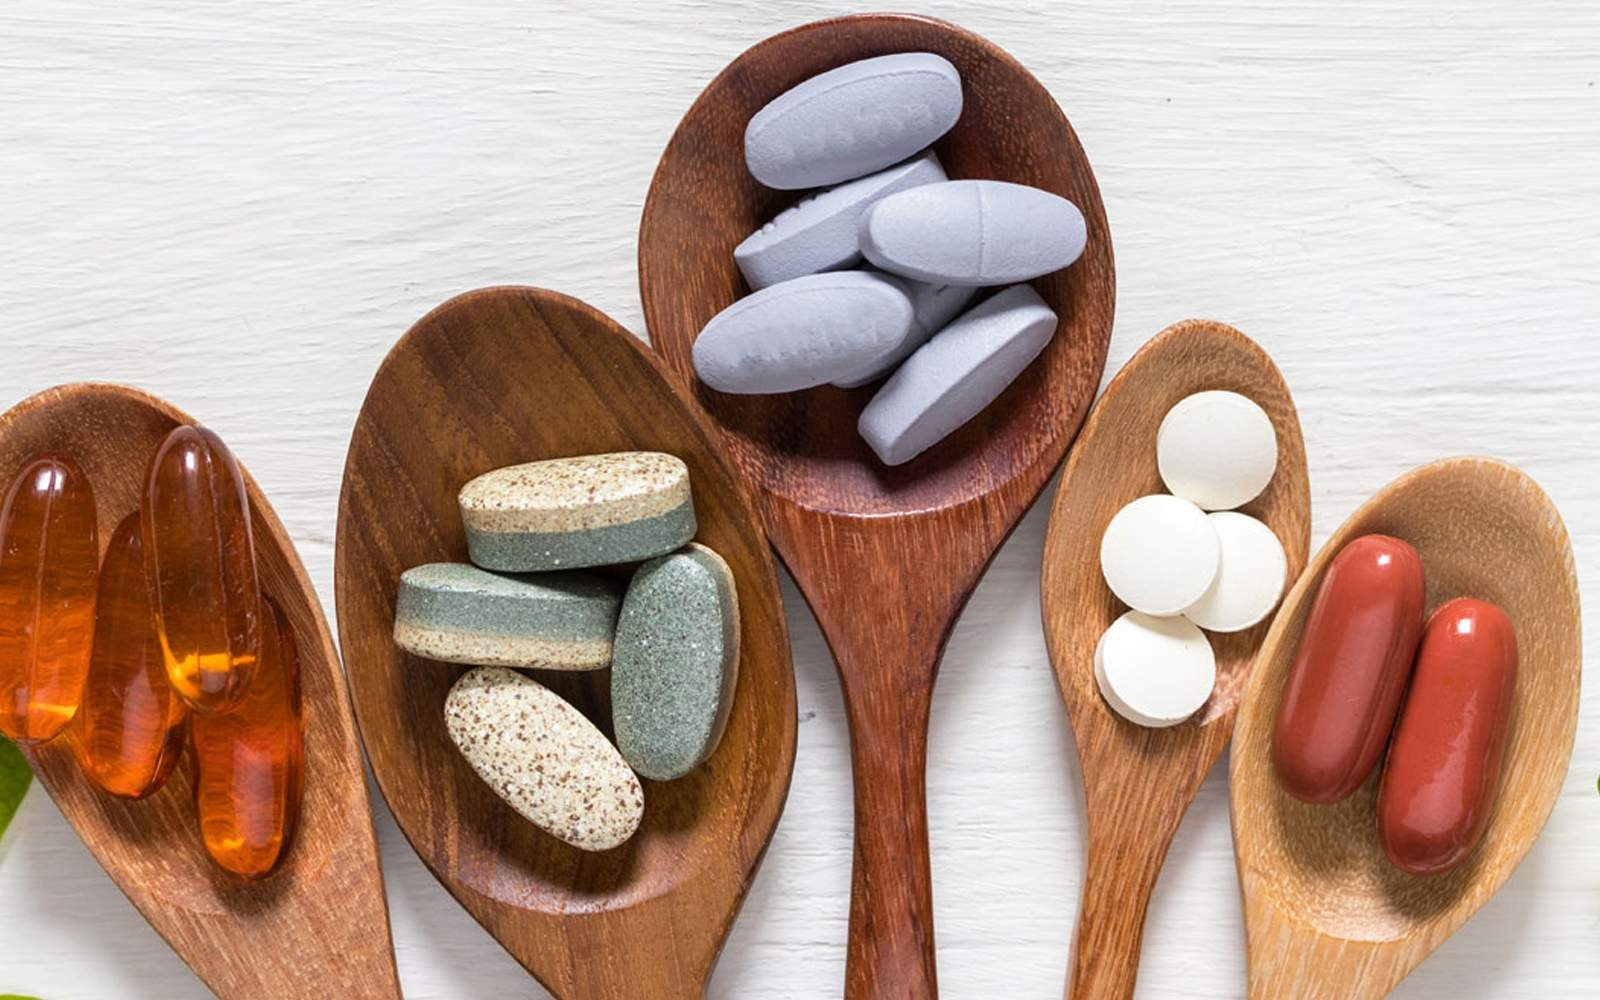 Amankah Konsumsi Suplemen Vitamin pada Diabetesi?